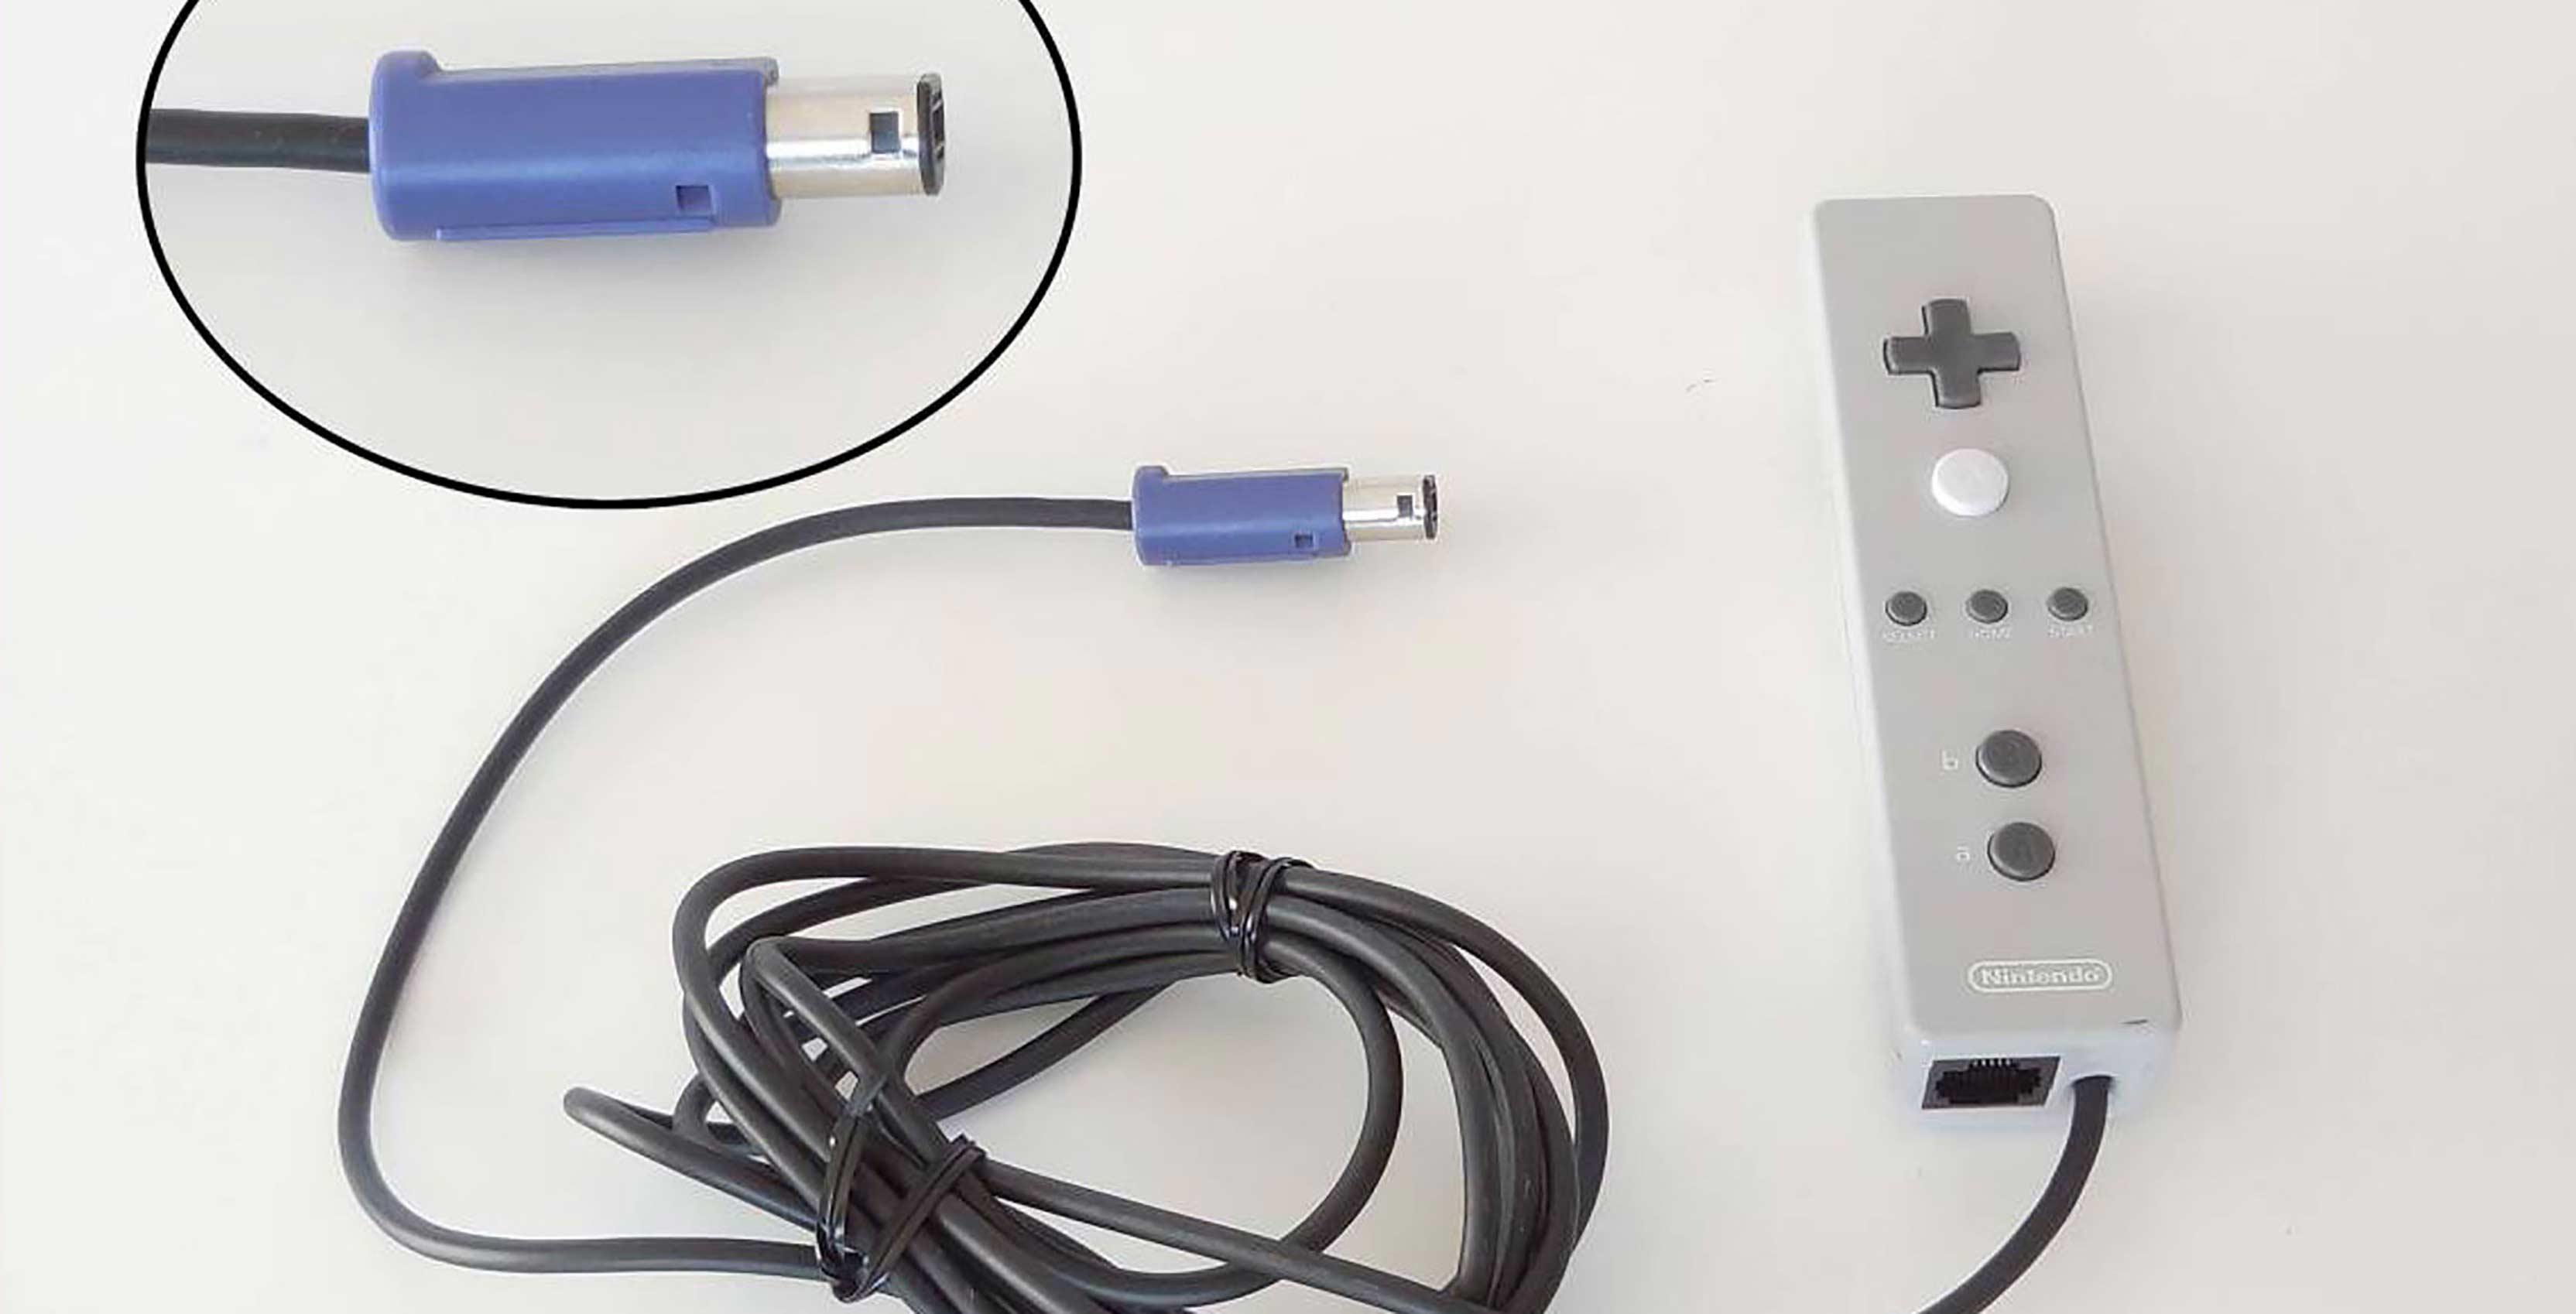 Wii Remote prototype